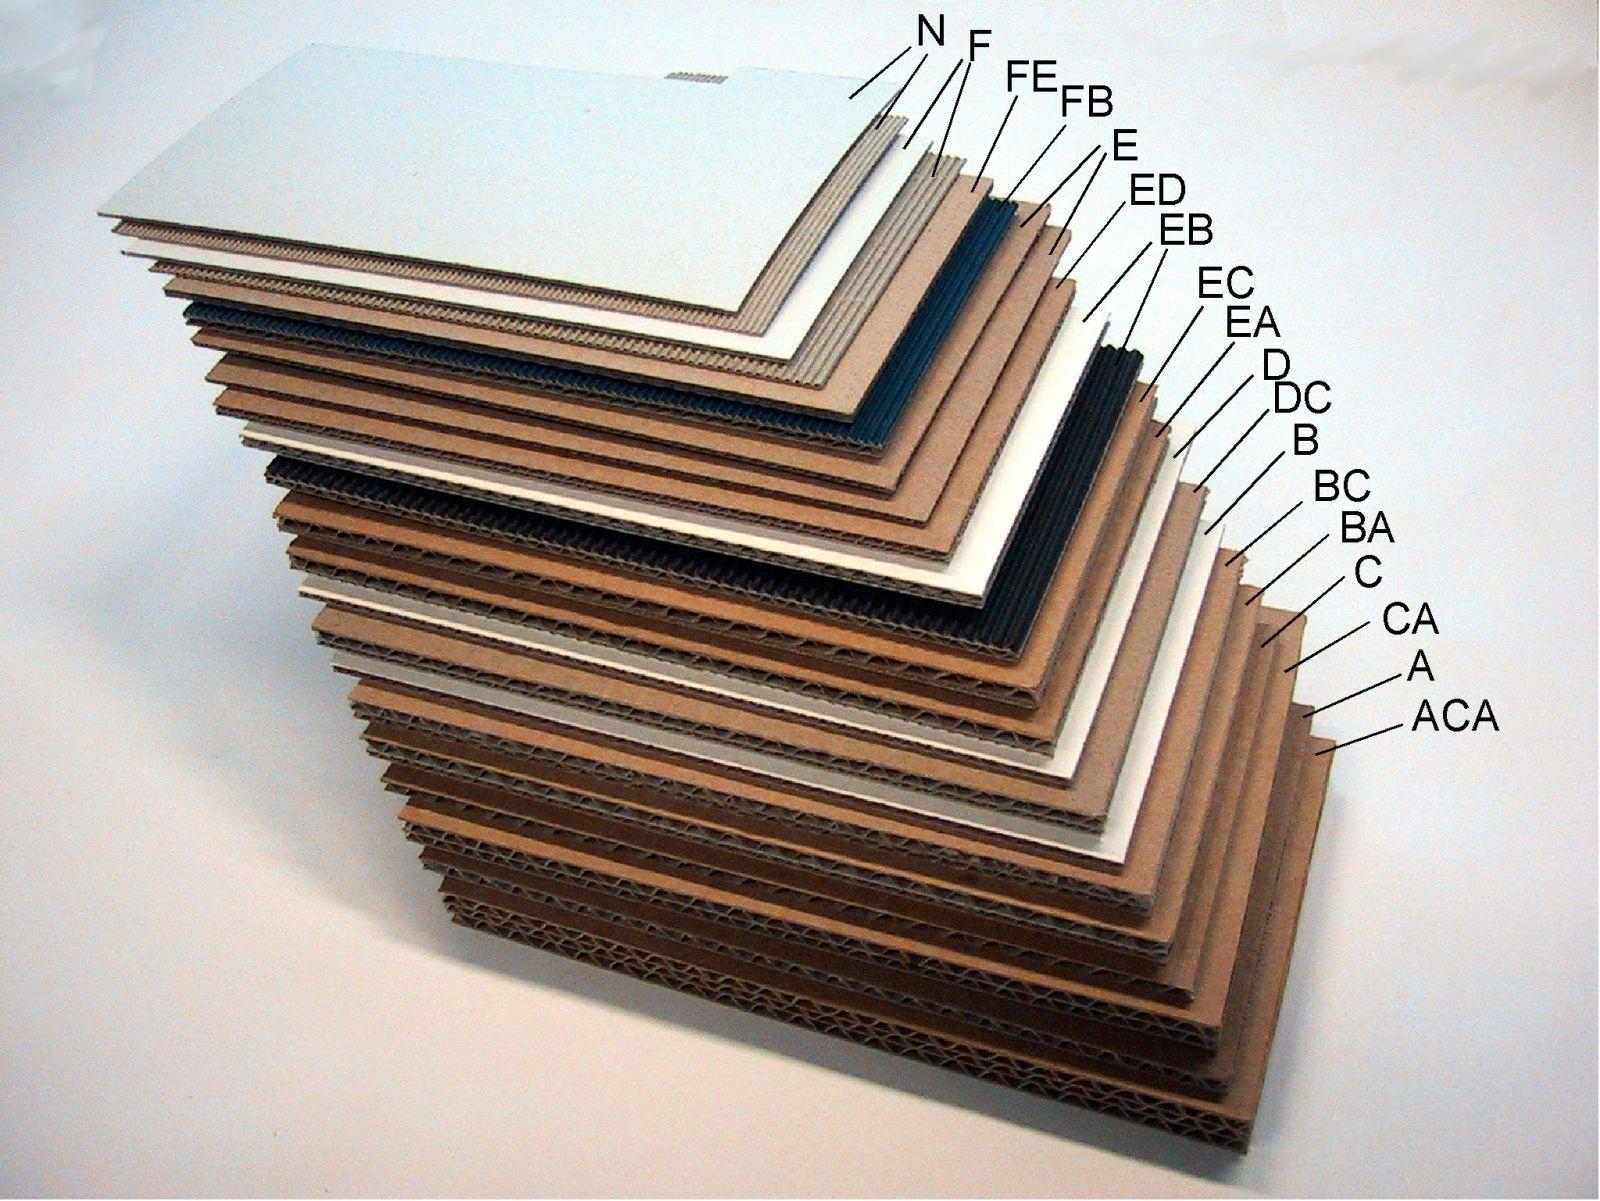 흰 바닥 위에 네모 낳게 잘린 같은 크기의 여러 재질 판지들을 겹겹이 쌓아올린 사진. 각 판지 옆에는 컴퓨터로 친 글씨로 판지의 이름이 쓰여 있다.